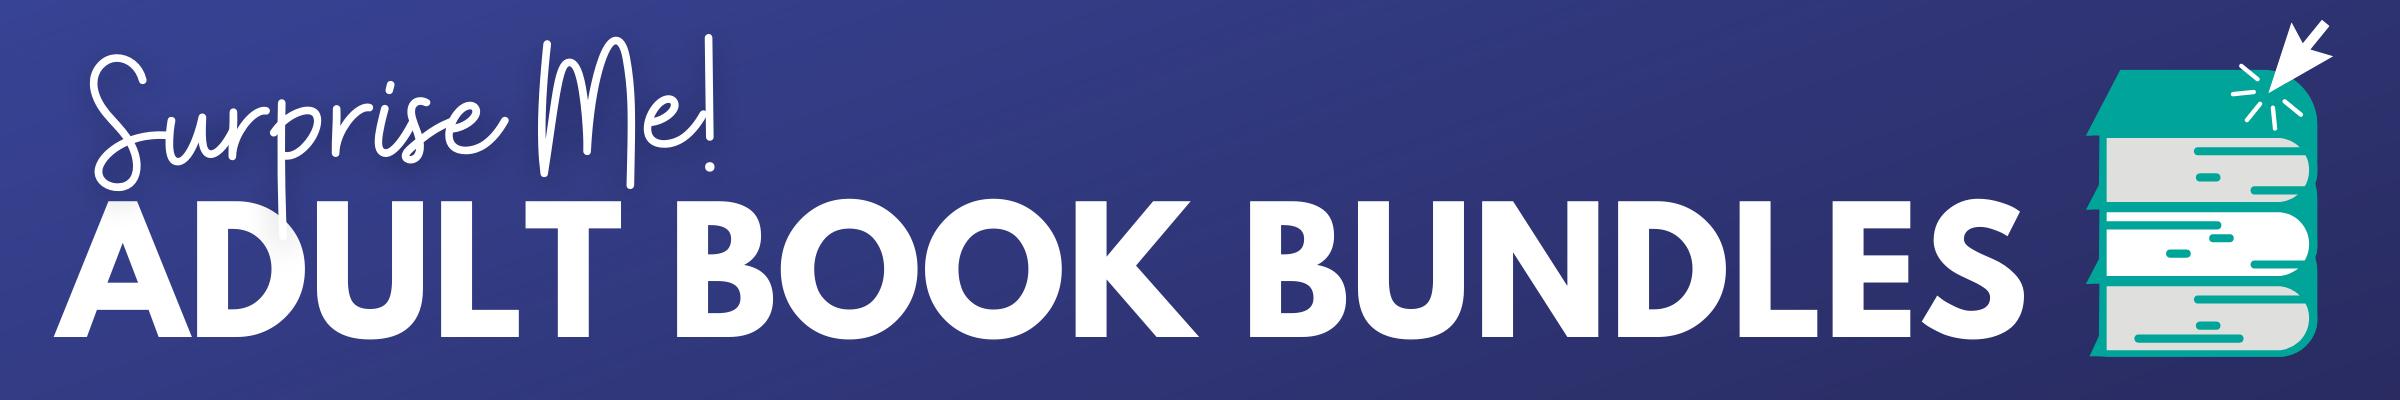 Surprise Me! Adult Book Bundles